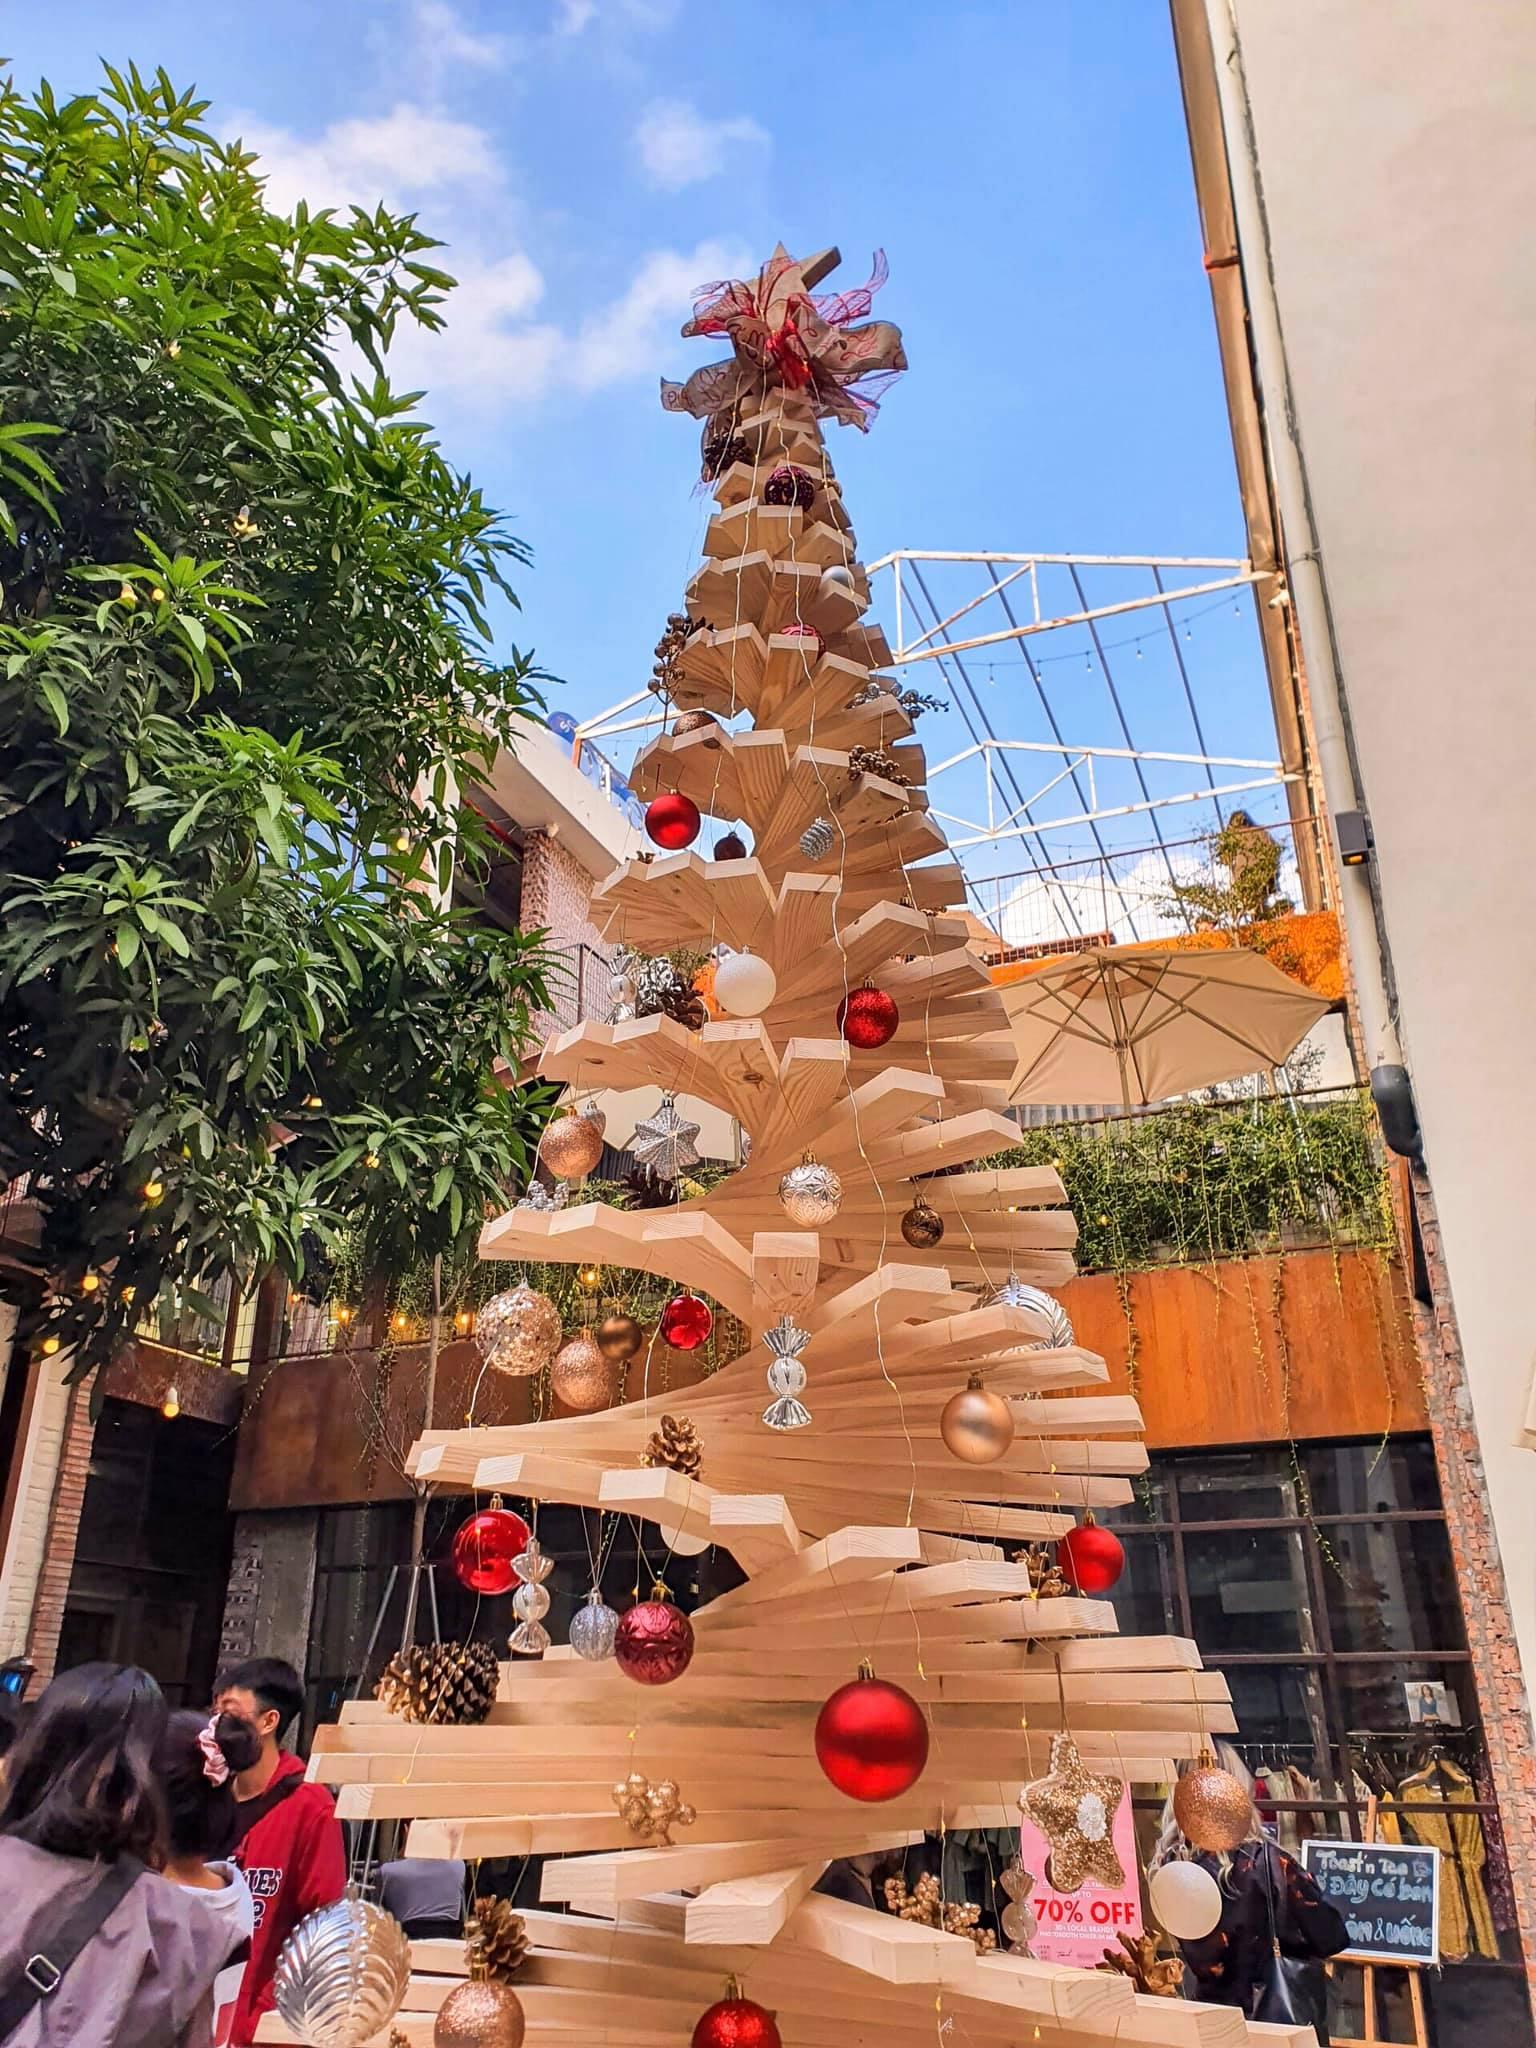 Bật mí các địa điểm đi chơi Noel ít người biết đến quanh Hà Nội  - Ảnh 4.